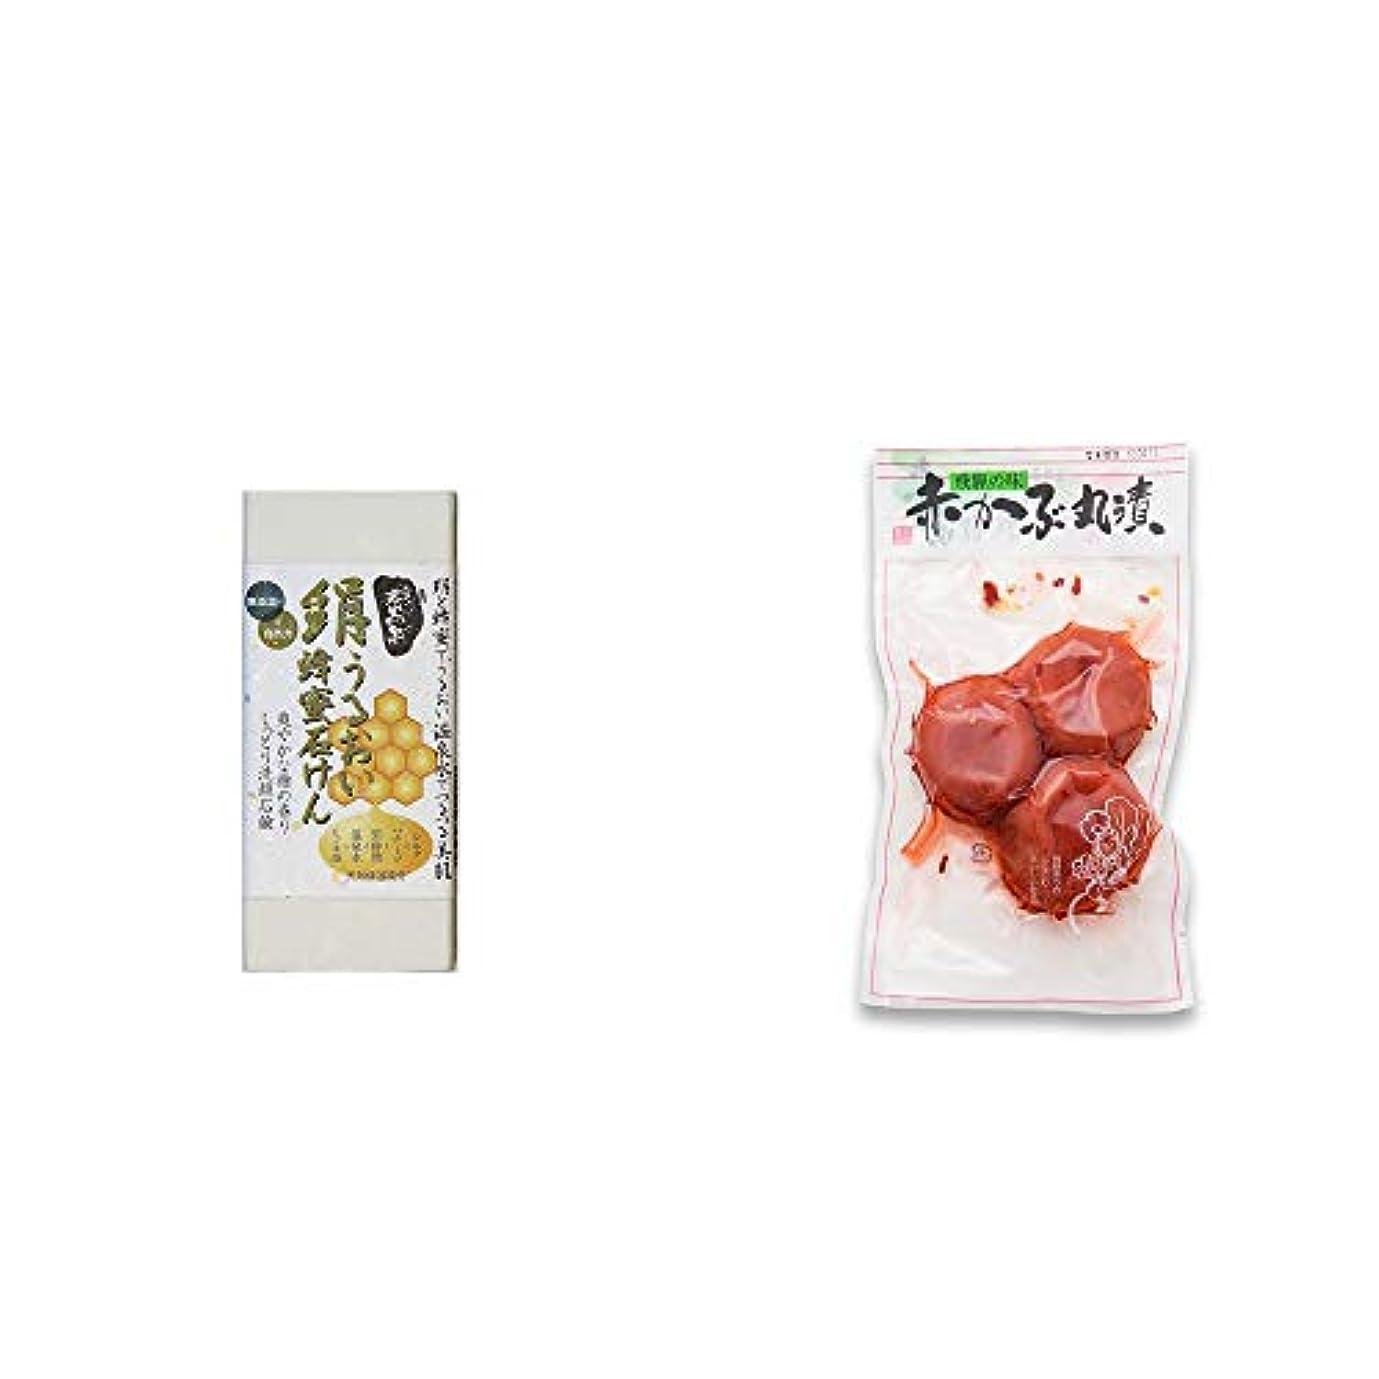 出費記録ランタン[2点セット] ひのき炭黒泉 絹うるおい蜂蜜石けん(75g×2)?赤かぶ丸漬け(150g)